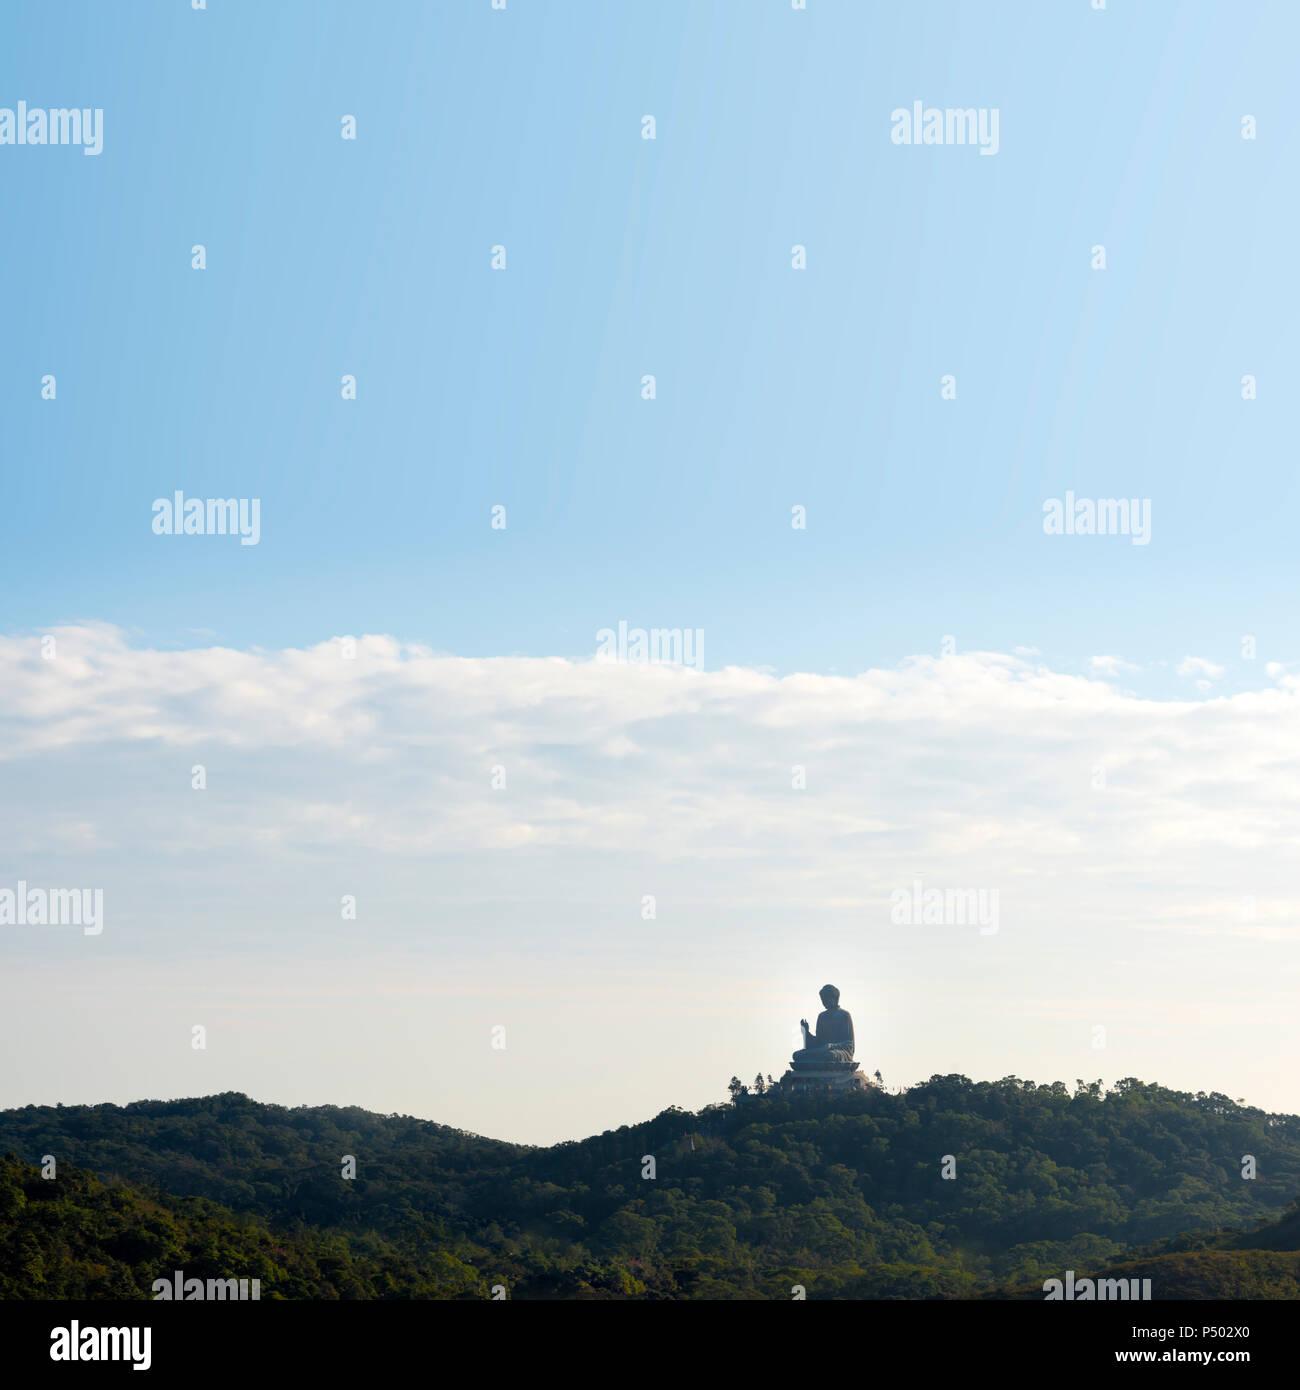 China, Hong Kong, Lantau Island, Ngong Ping, view to Tian Tan Buddha - Stock Image